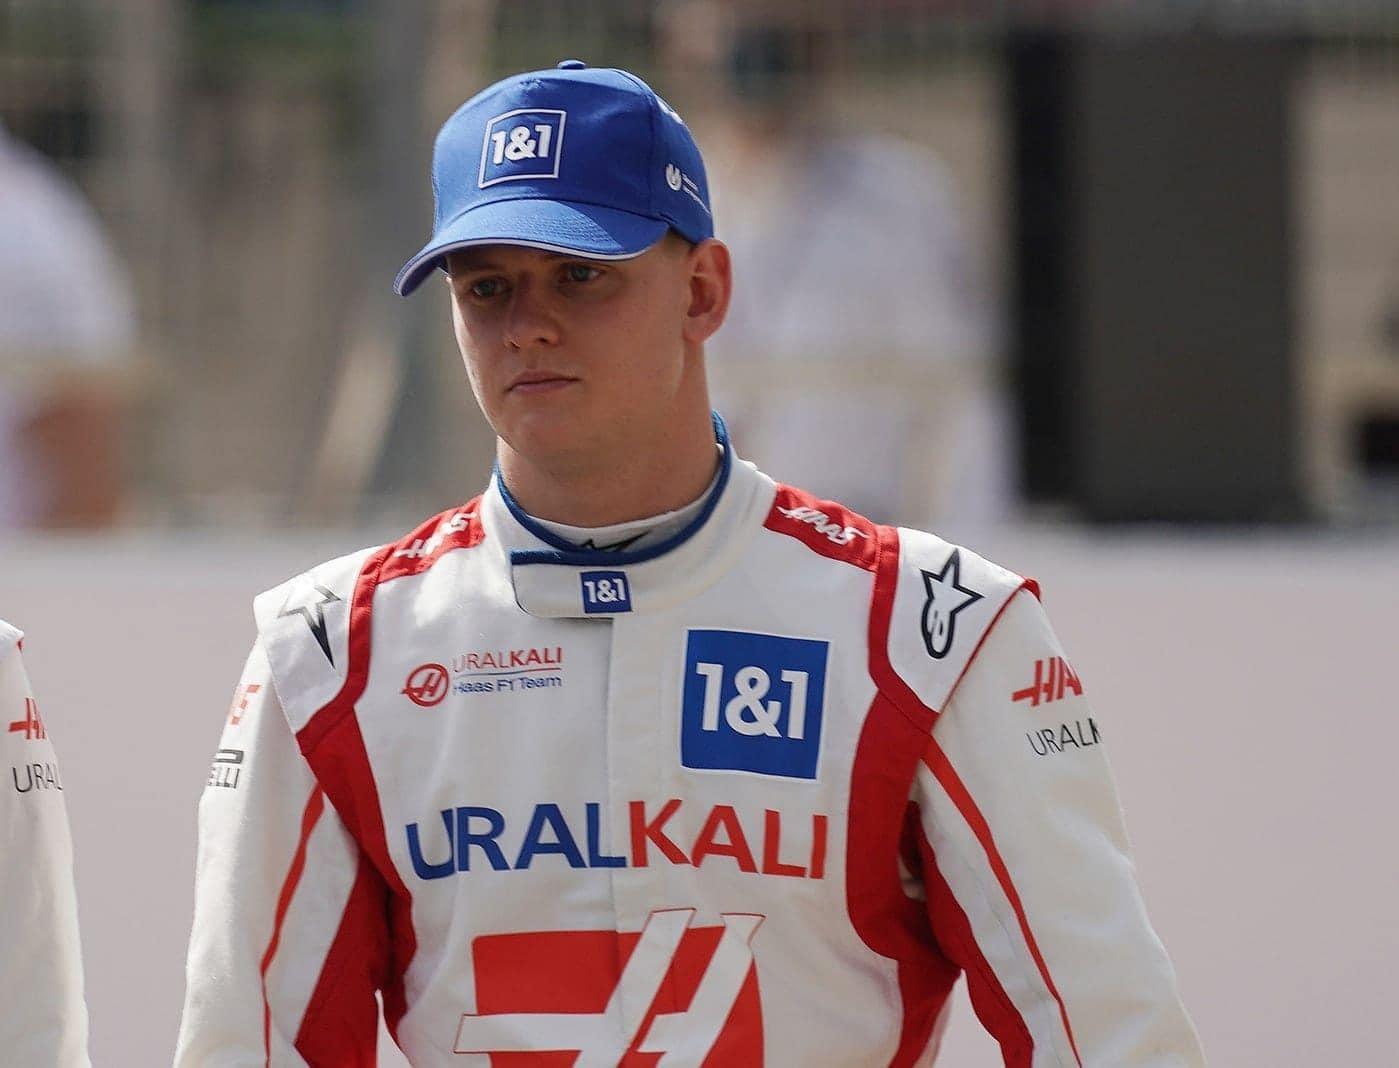 Mick Schumacher Haas